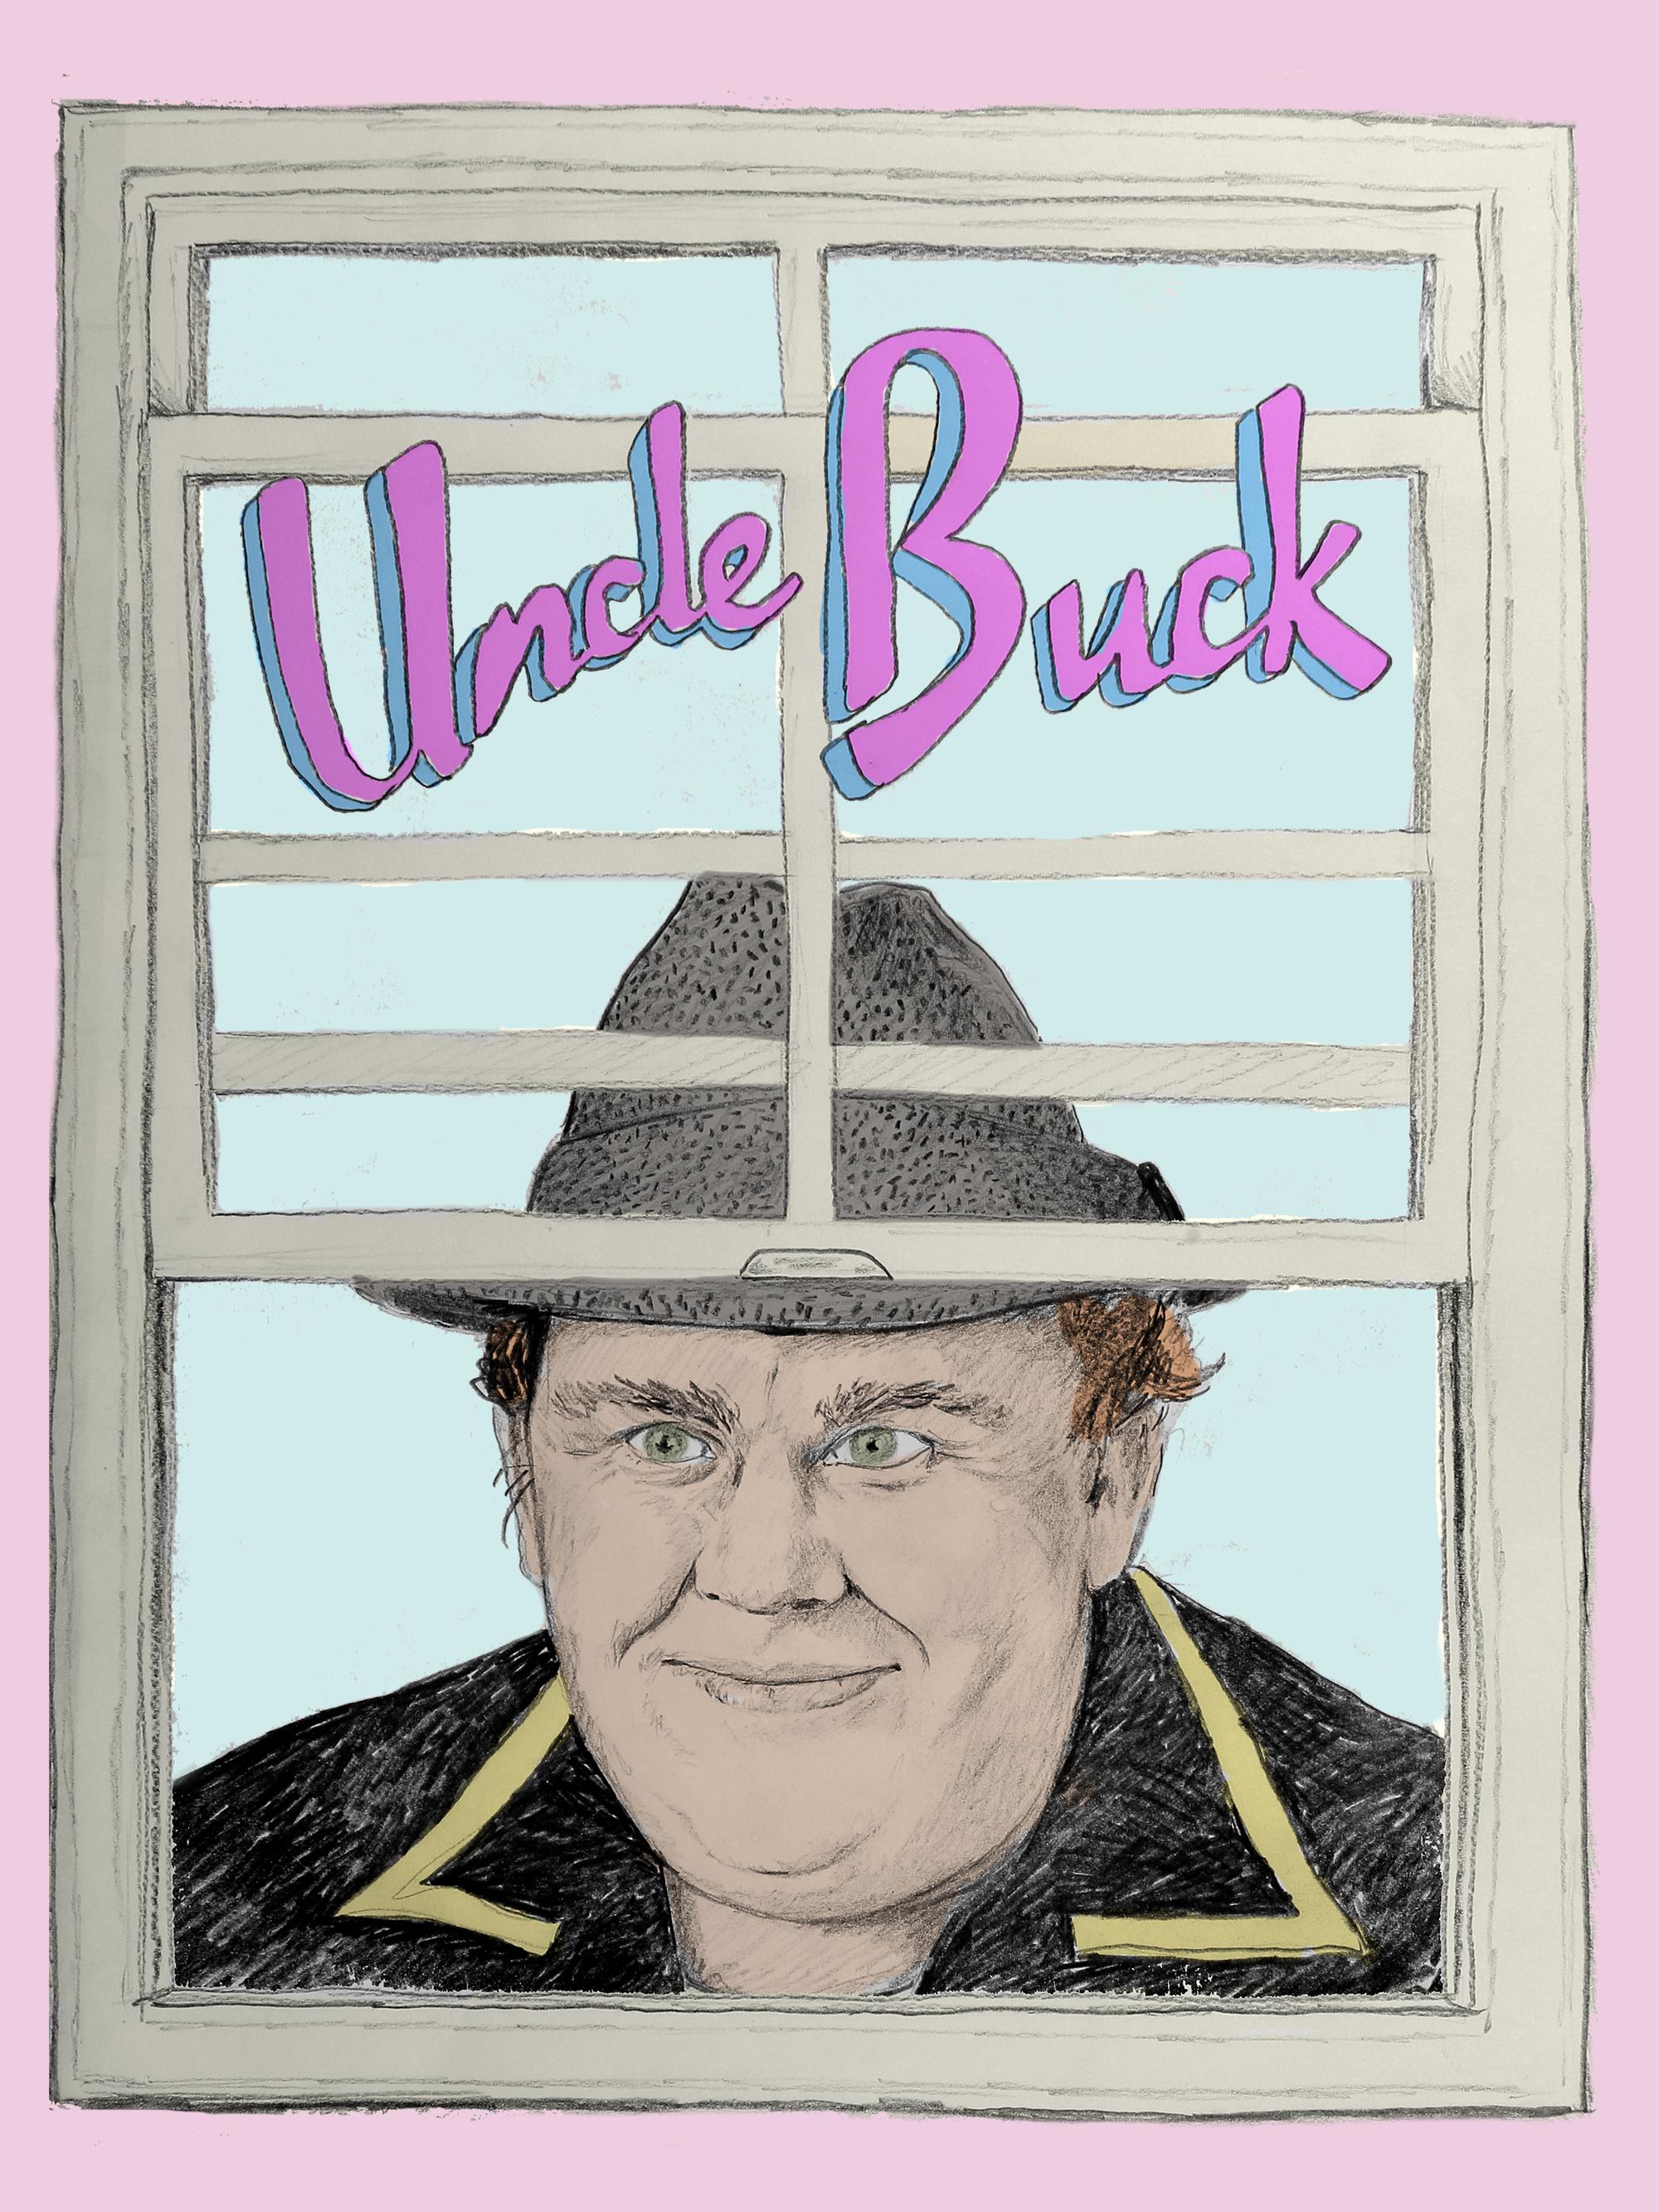 uncle buck.jpg